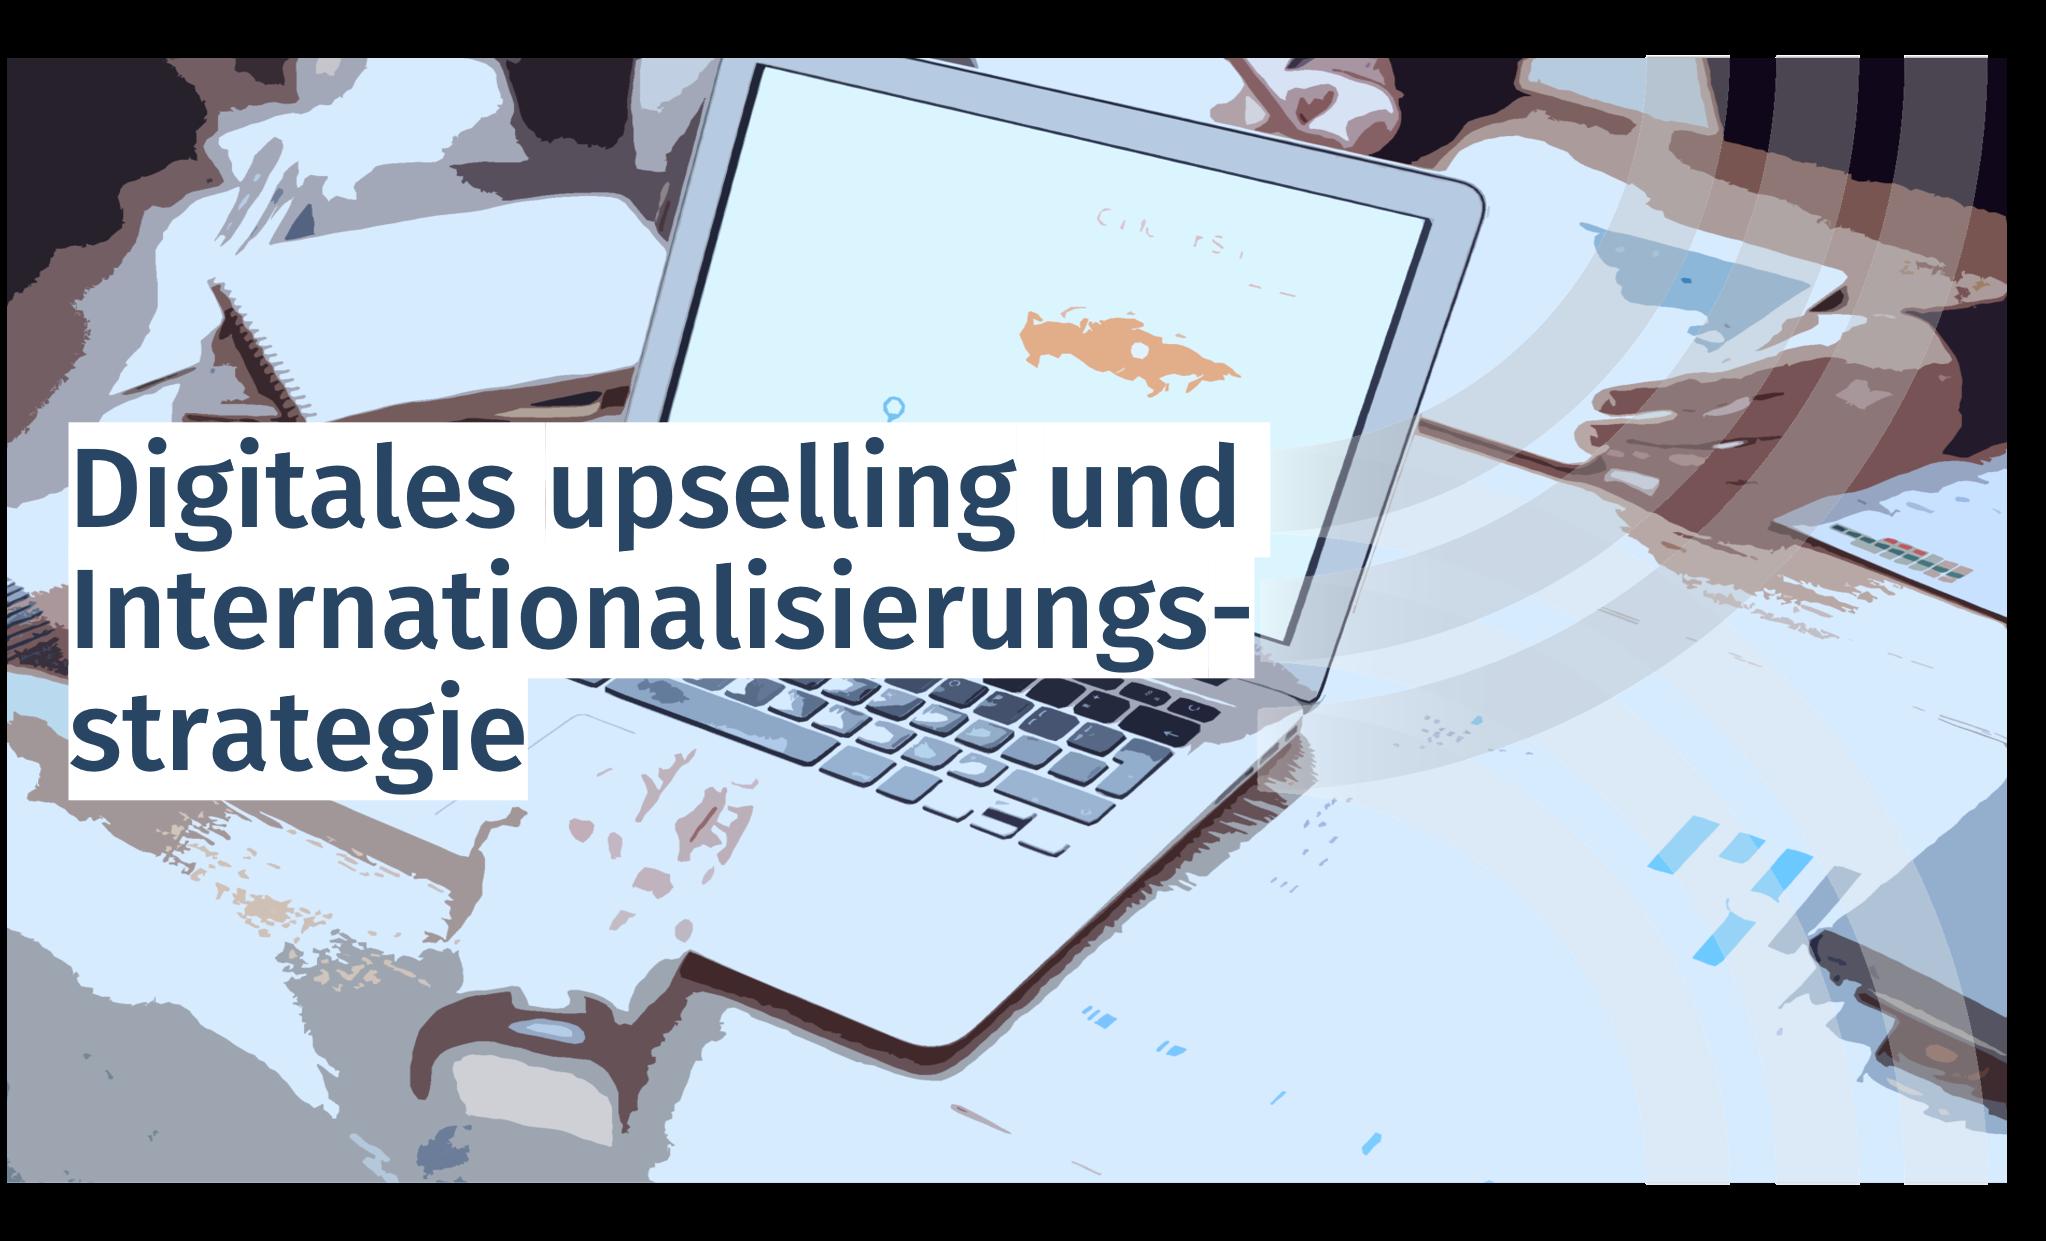 Digitales upselling und Internationalisierungsstrategie